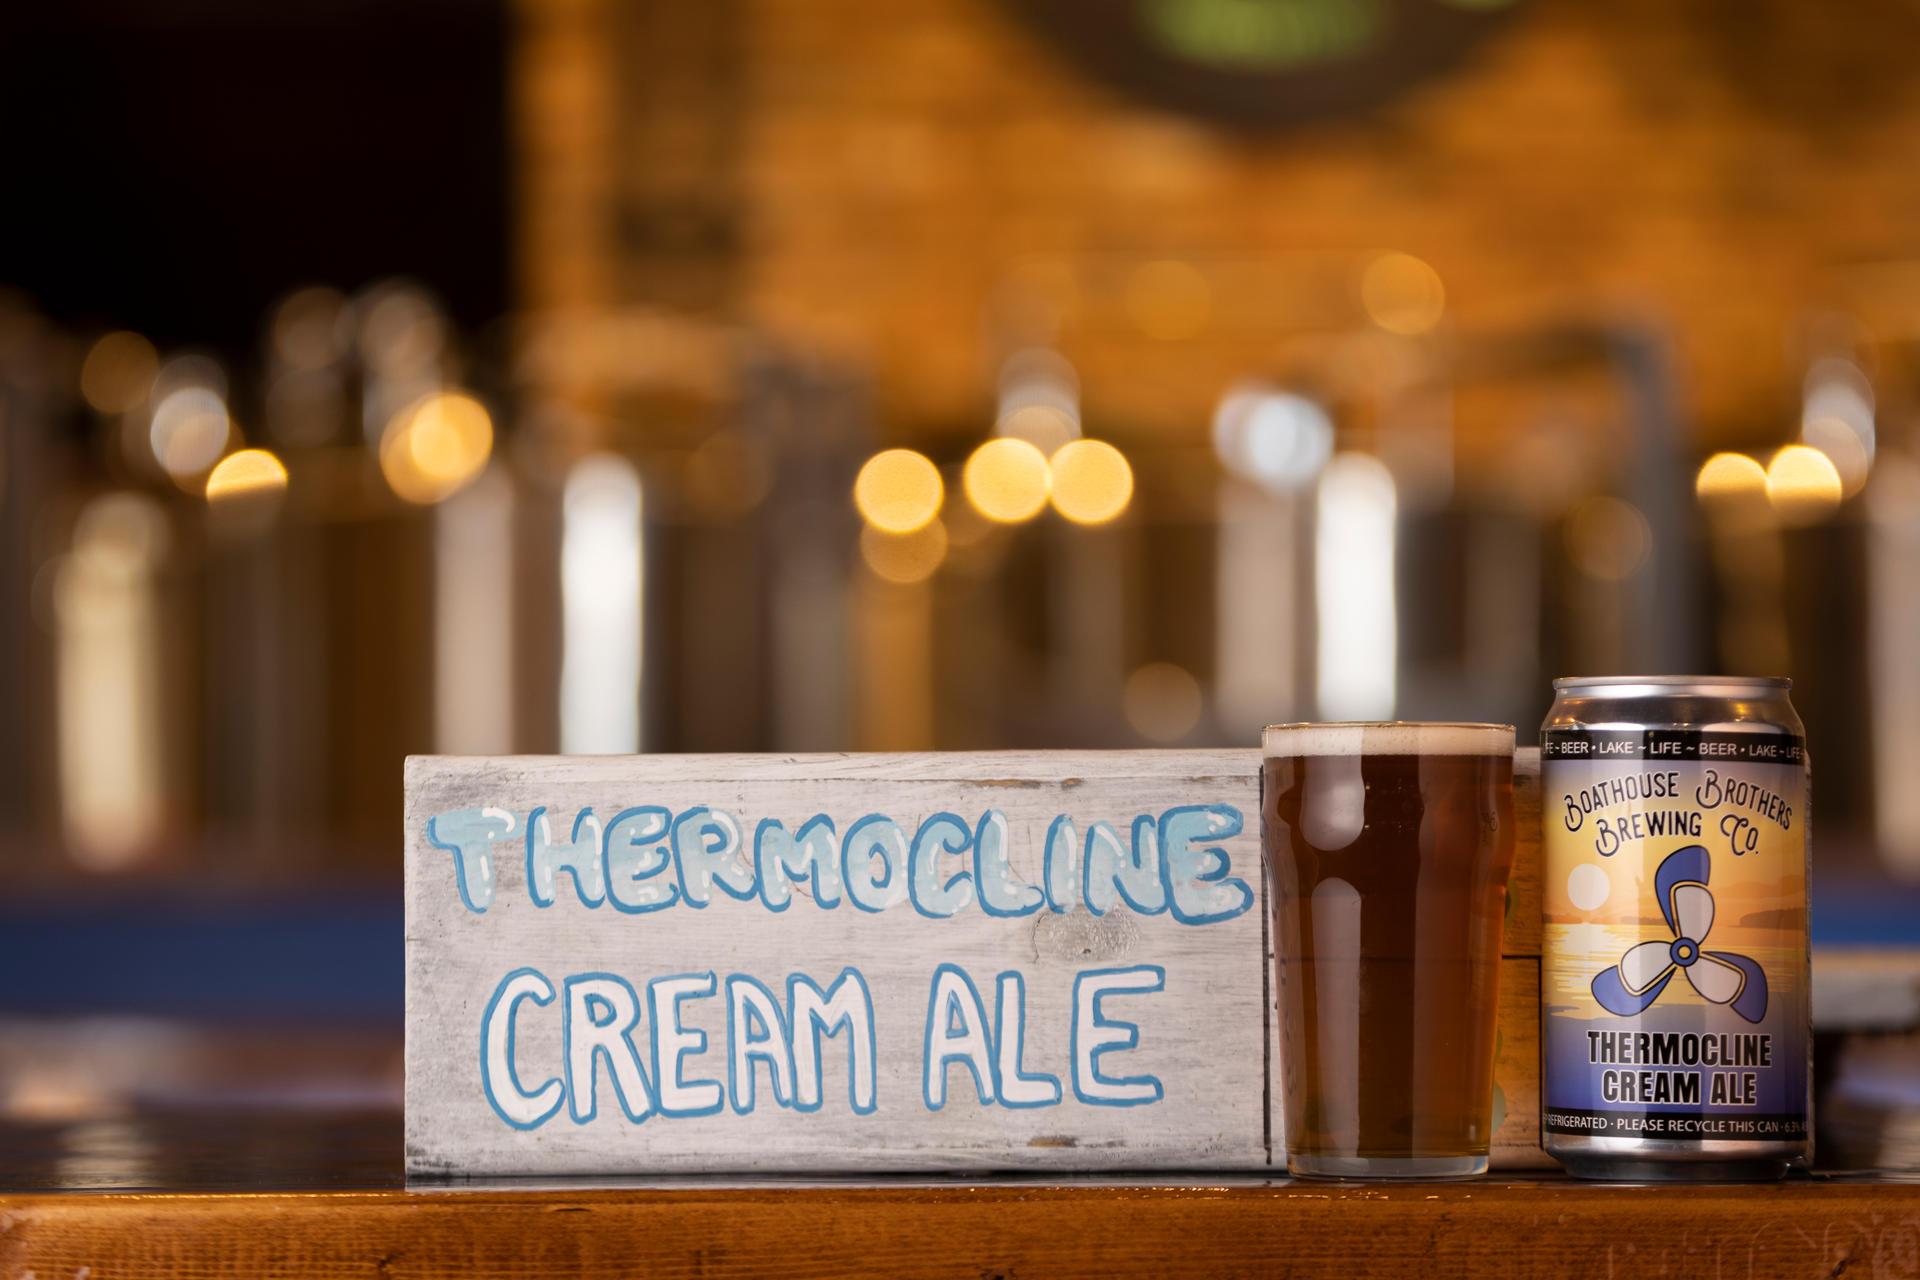 Thermocline Cream Ale